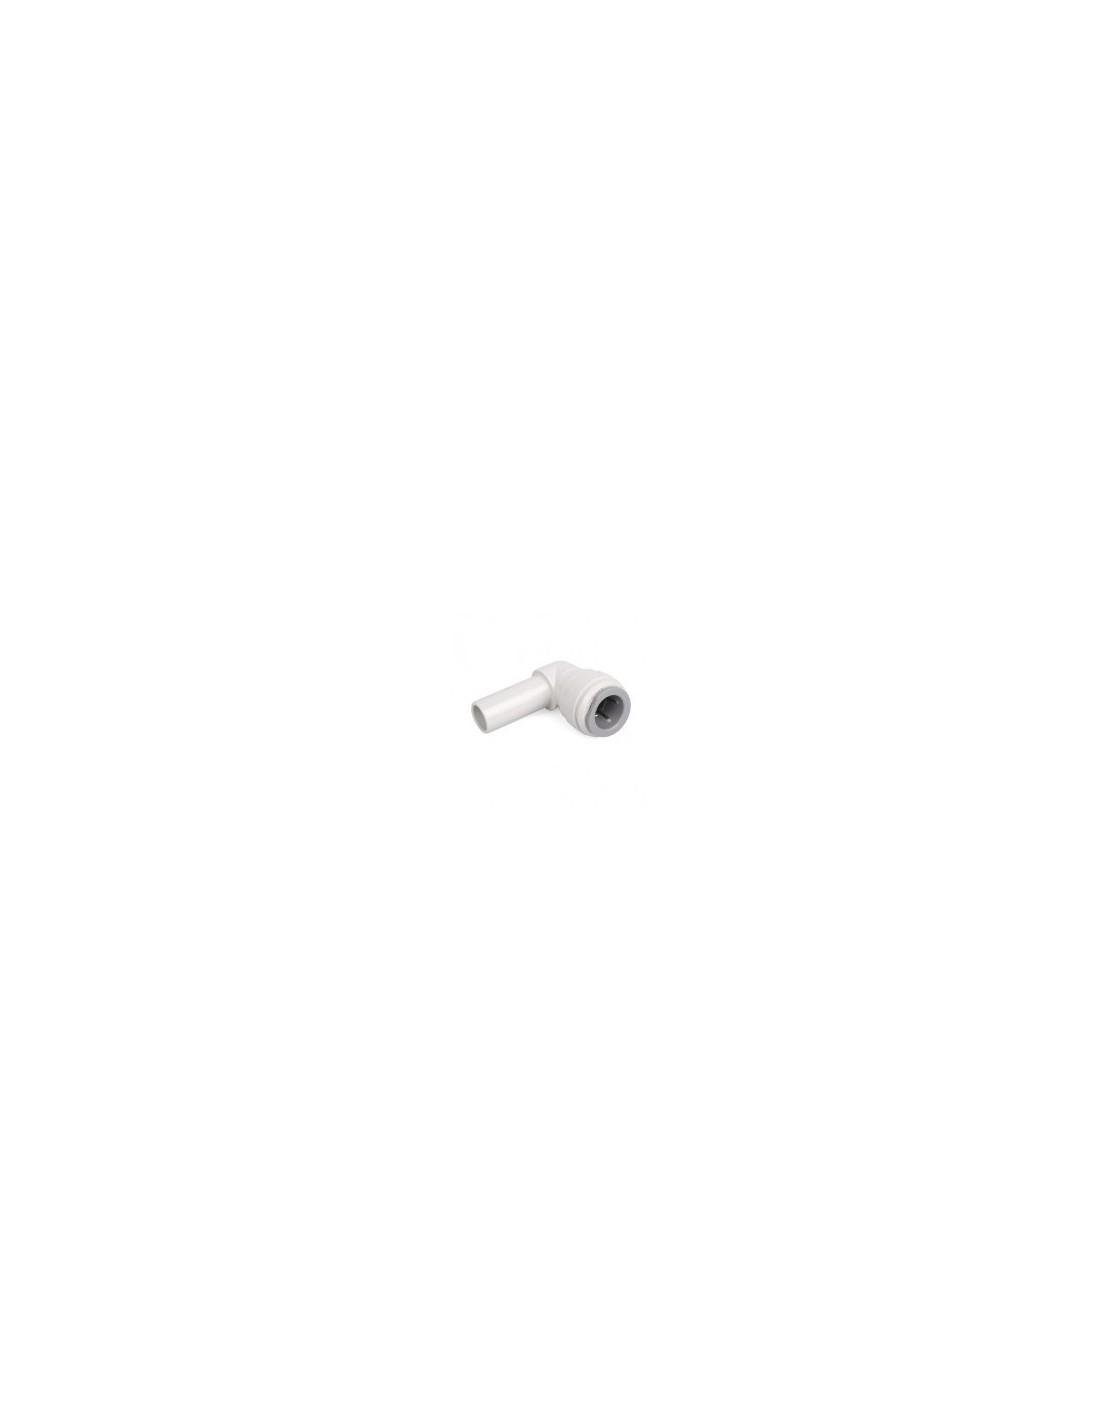 """SPO00739 - JG stem elbow 12.7 x 12.7 mm (1/2"""") (pi221616s)"""